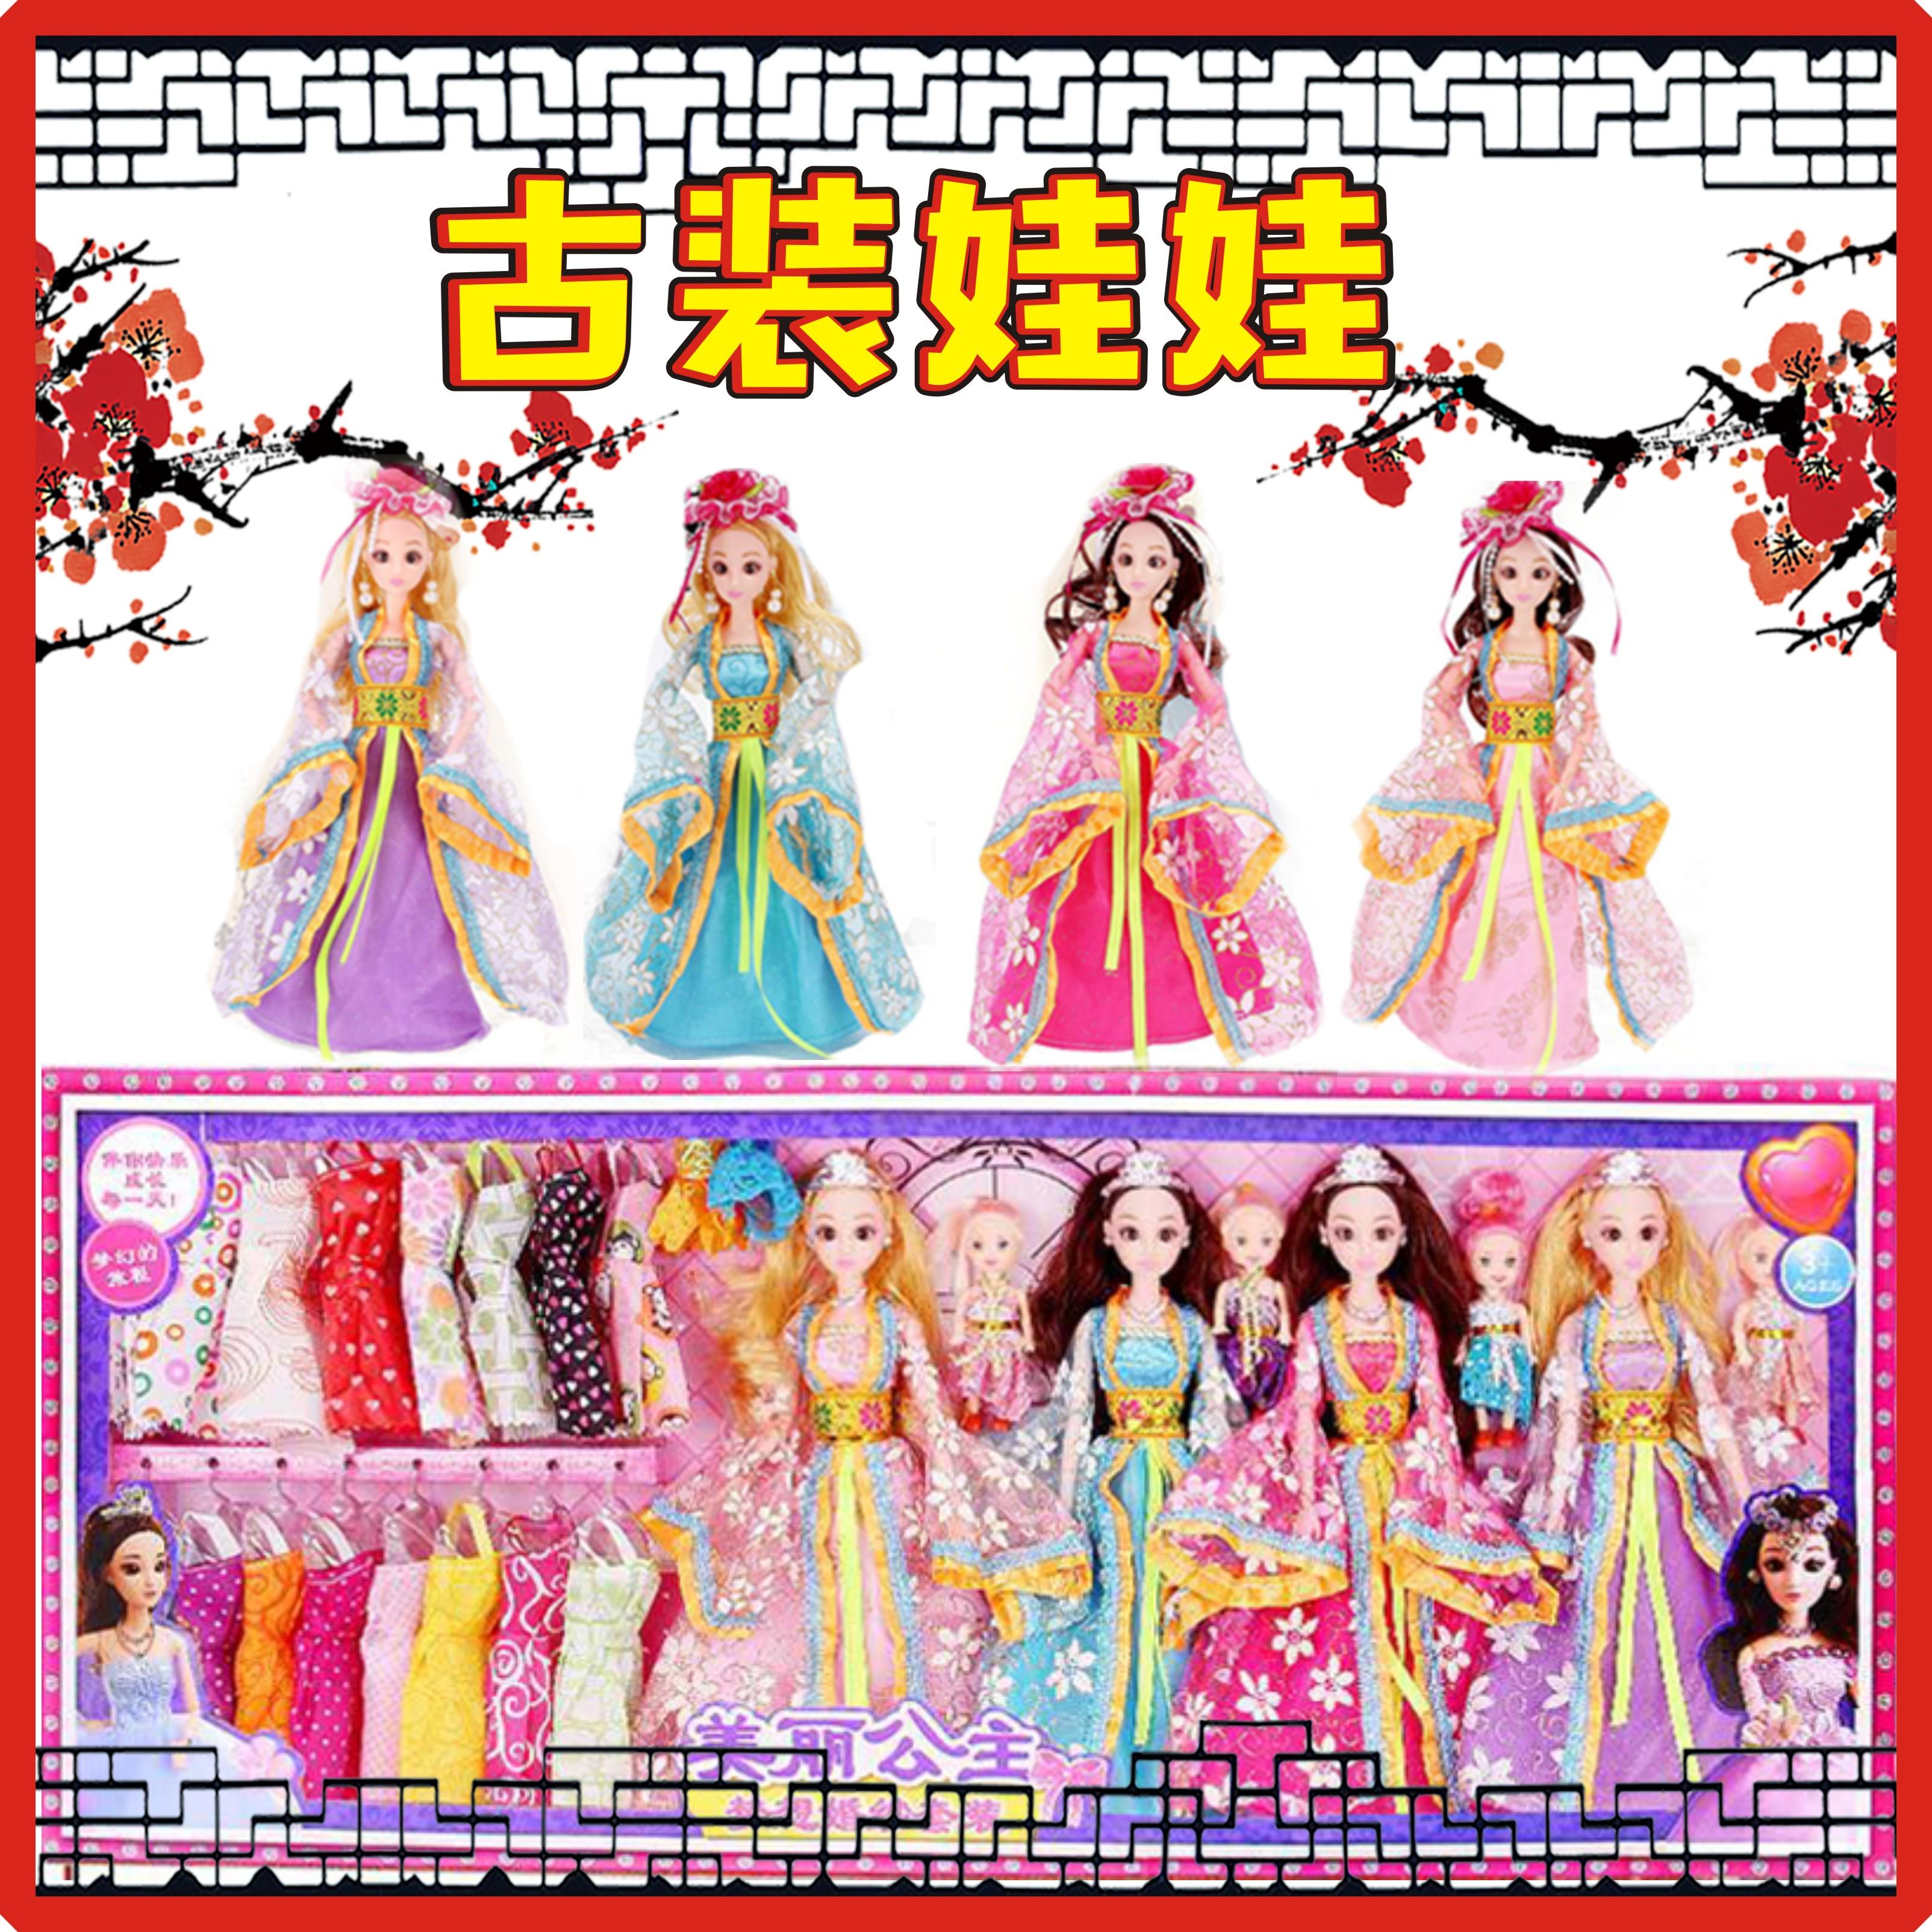 Trang phục Dressup doanh di chuyển Barbie chơi nhà hộp quà tặng cô gái công chúa đồ chơi sinh nhật món quà - Búp bê / Phụ kiện